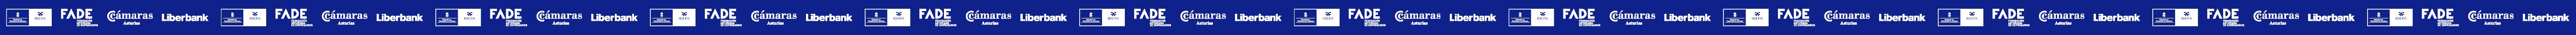 Logos de socios de ASTUREX